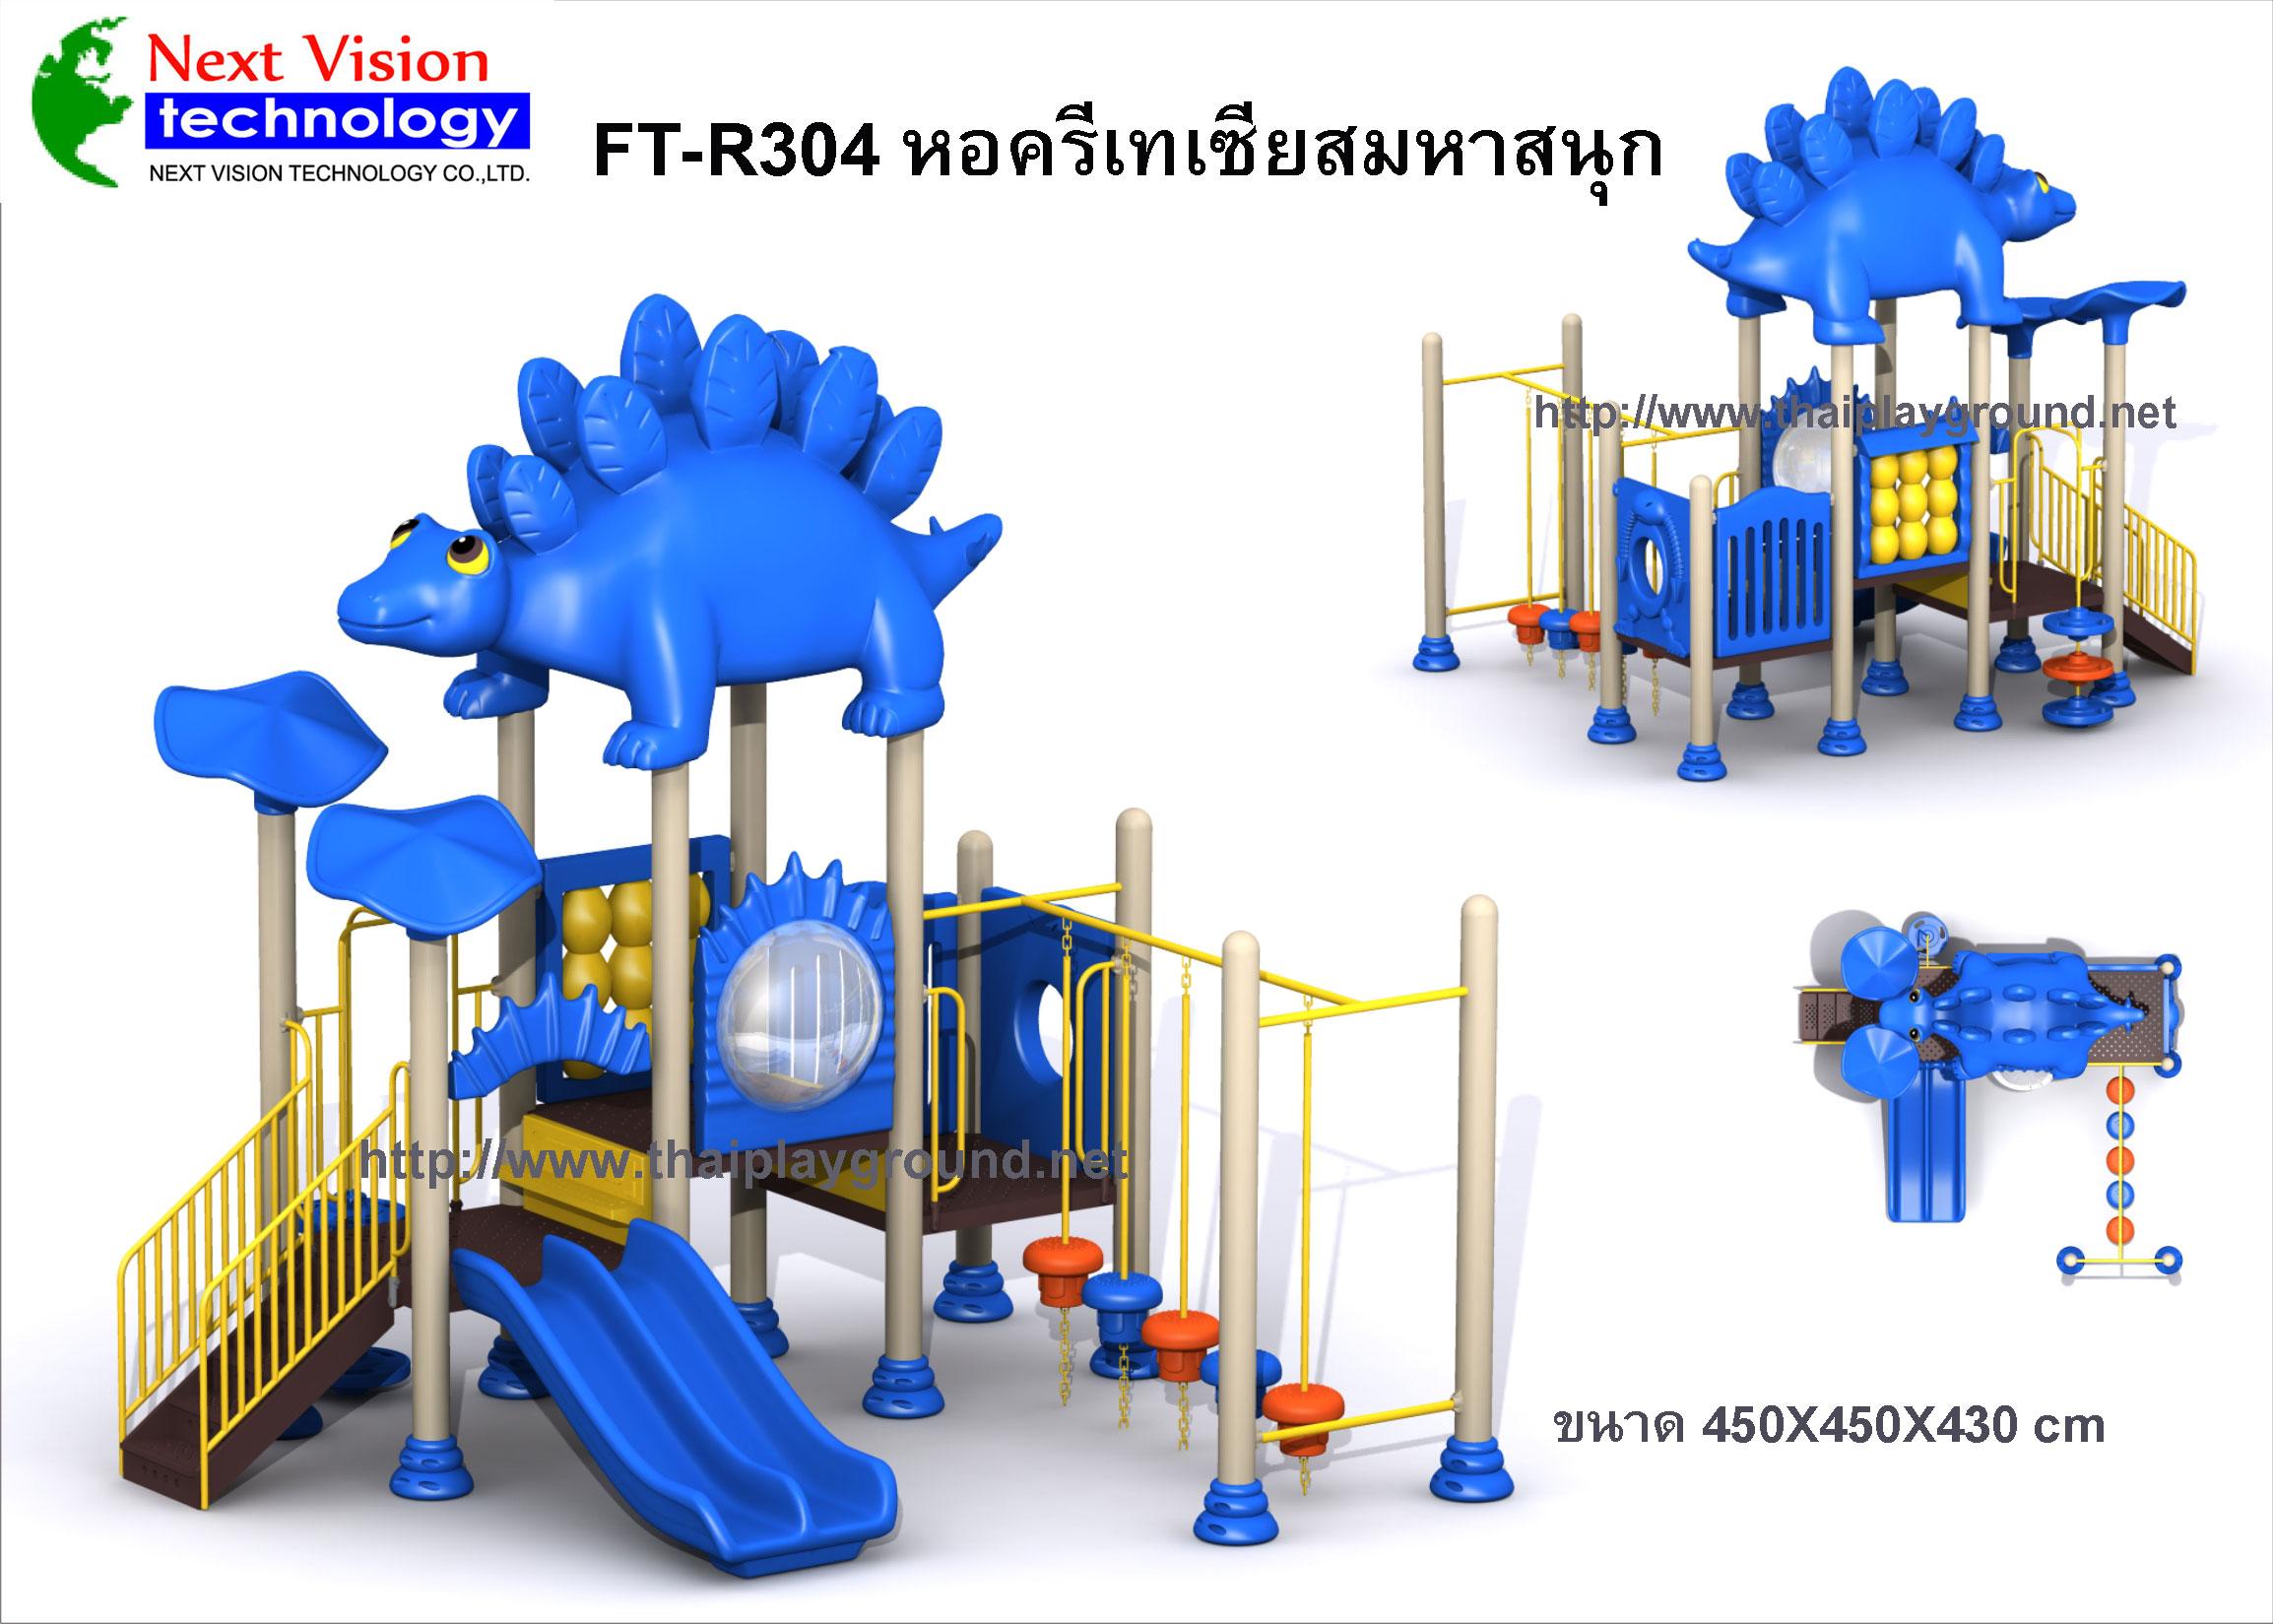 FT-R304 หอครีเทเซียสมหาสนุก